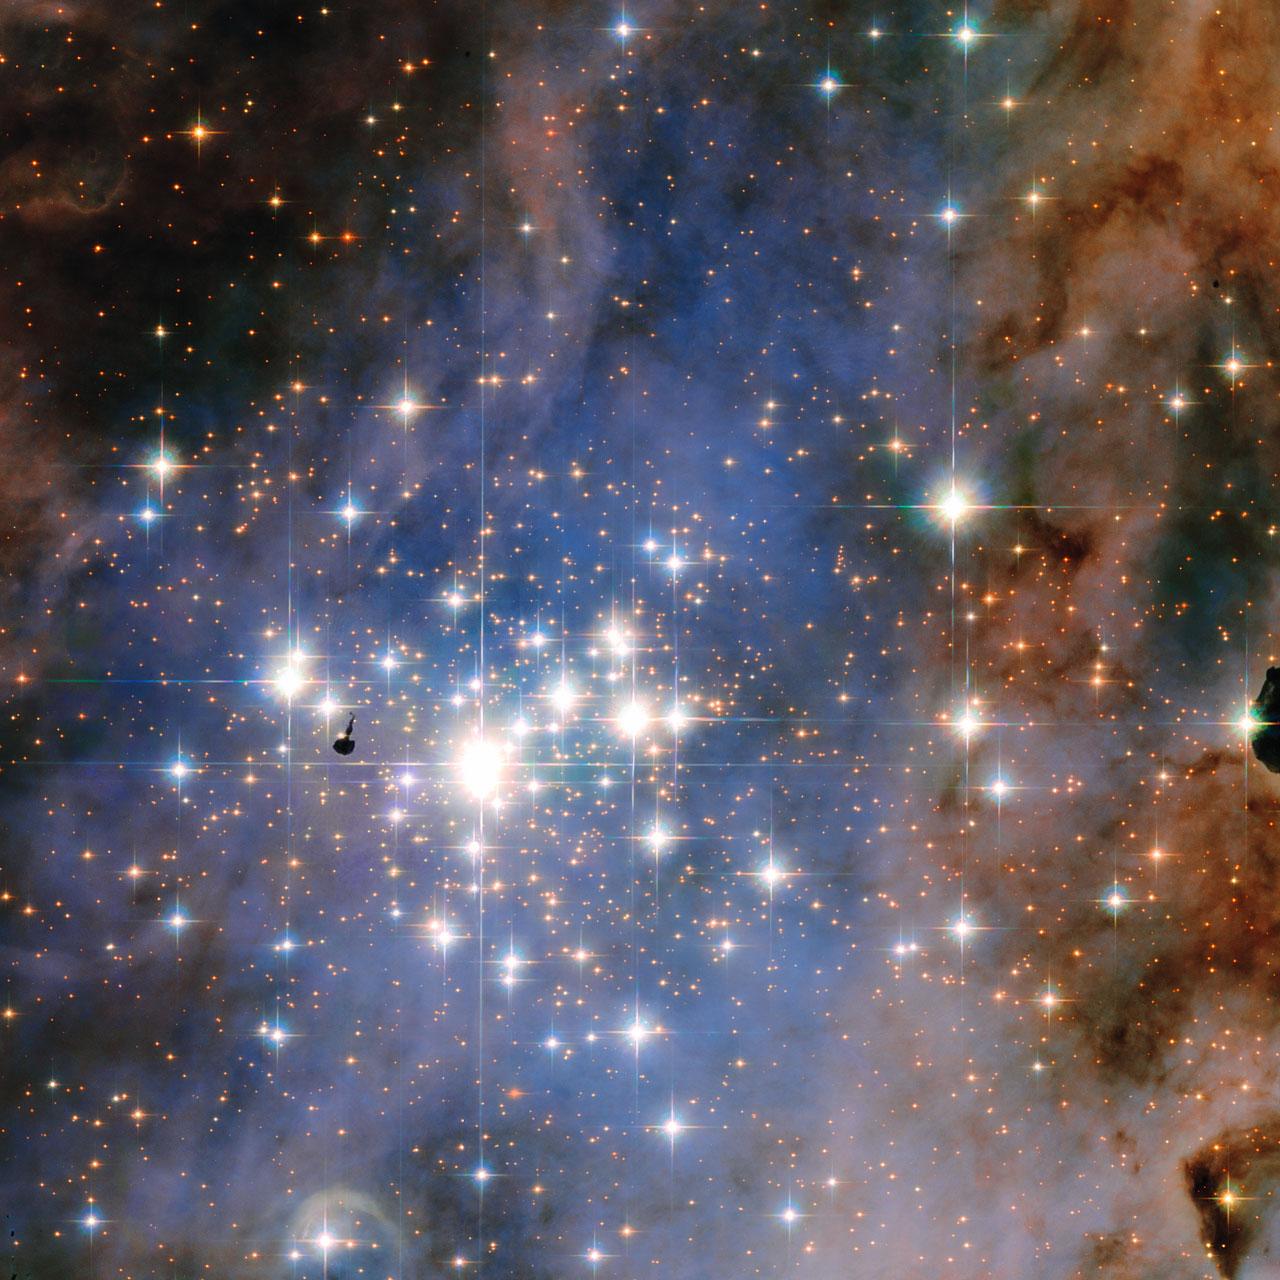 El cúmulo estelar Trumpler 14 es hogar de algunas de las estrellas más  brillantes en la Vía Láctea - El Universo Hoy